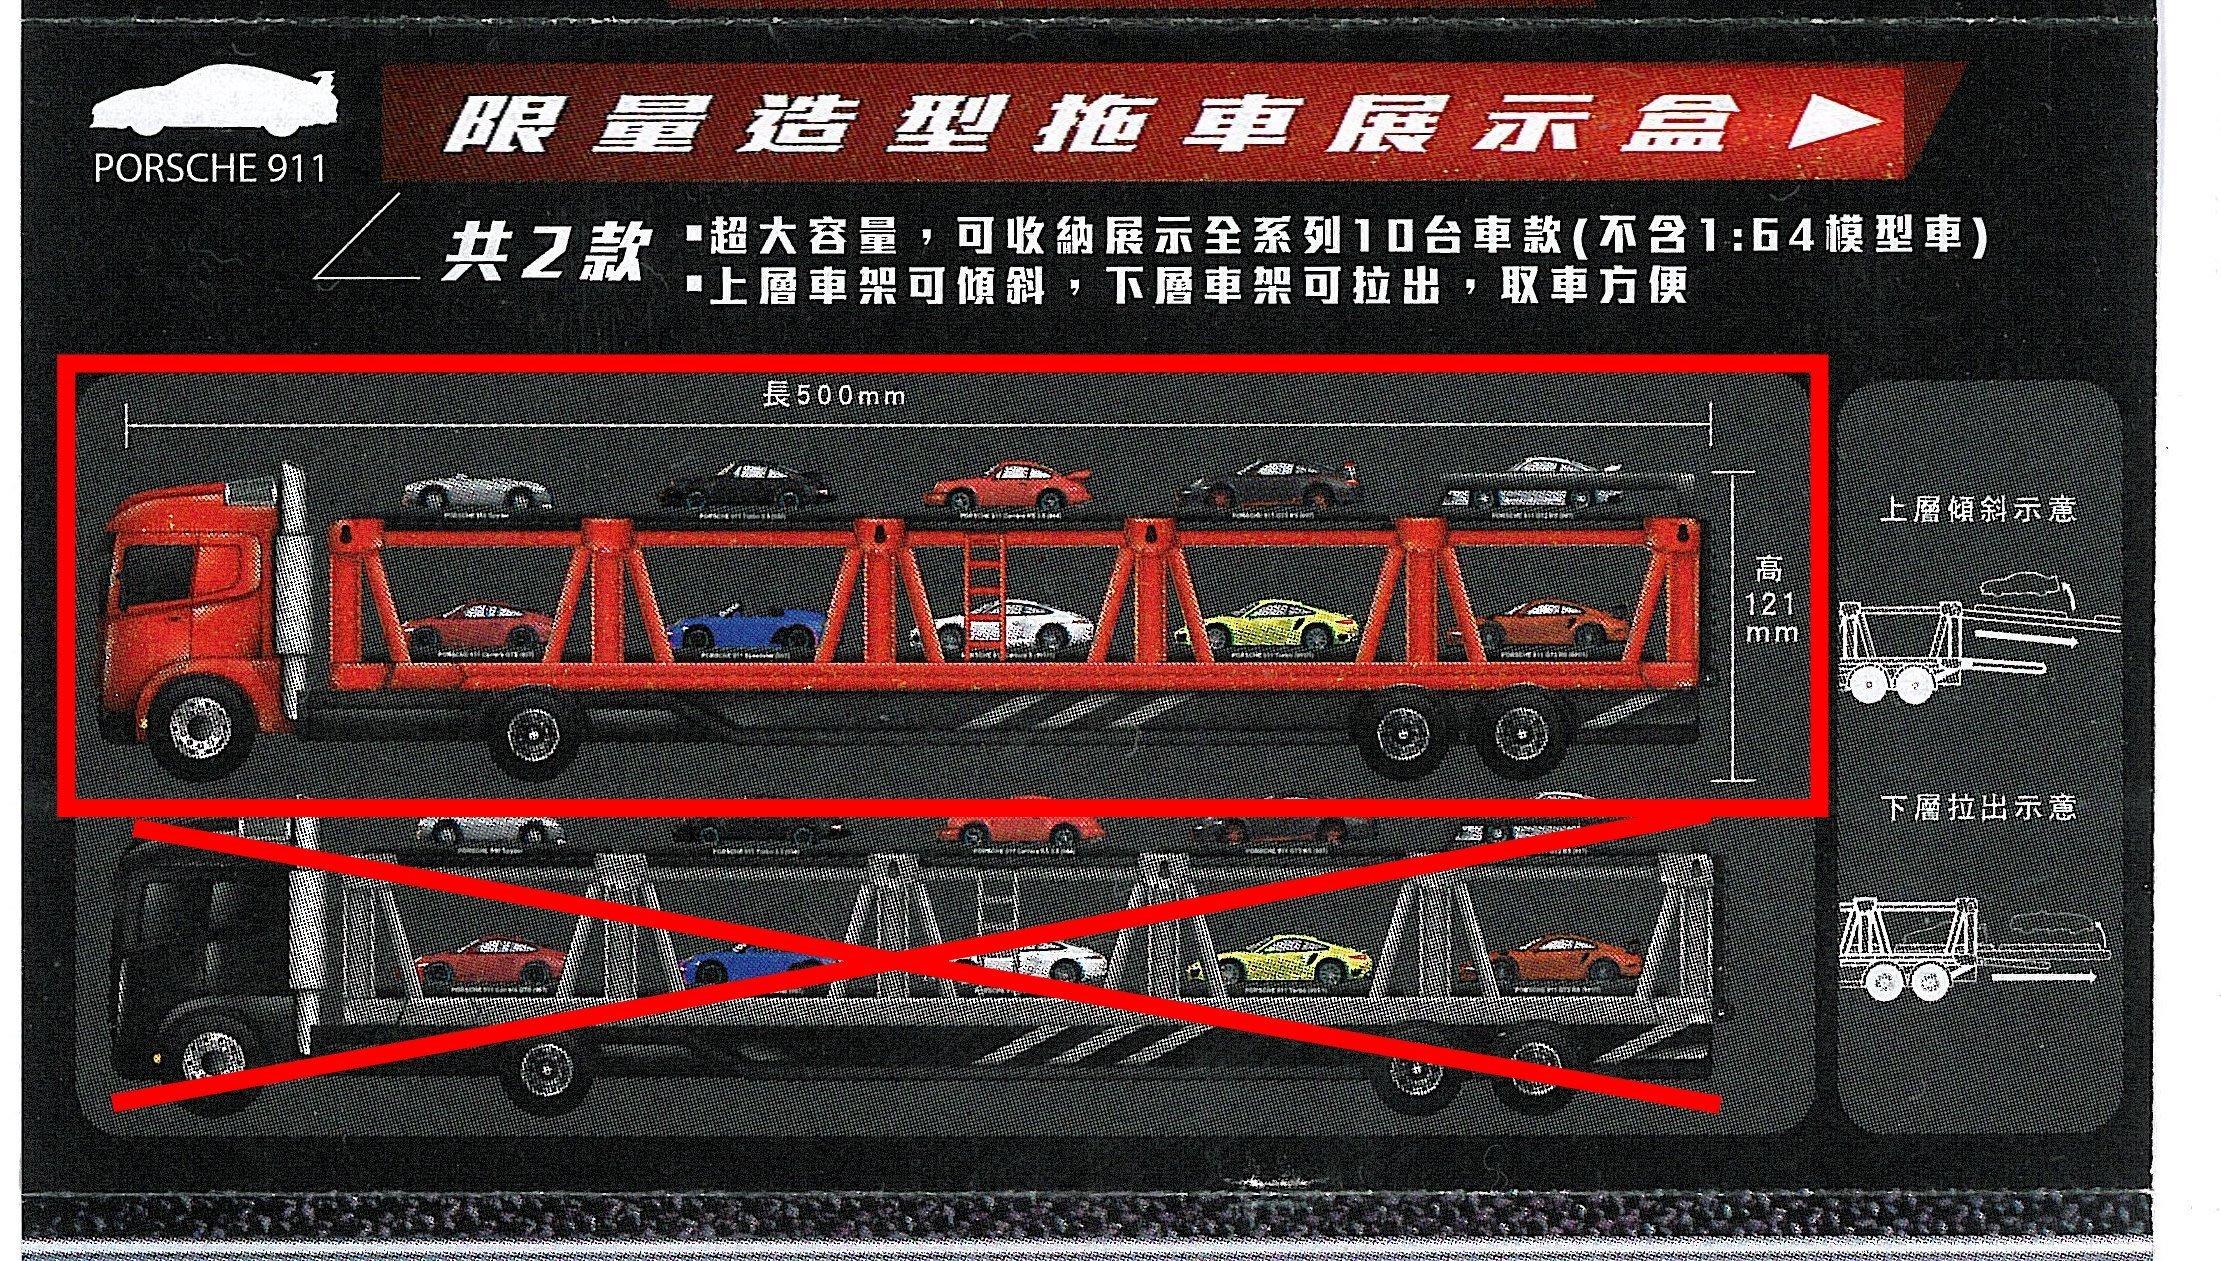 ~A945~500元 現貨 7-11 Porsche 保時捷 造型拖車展示盒 紅色款 收藏盒 展示盒 逢甲面交1706